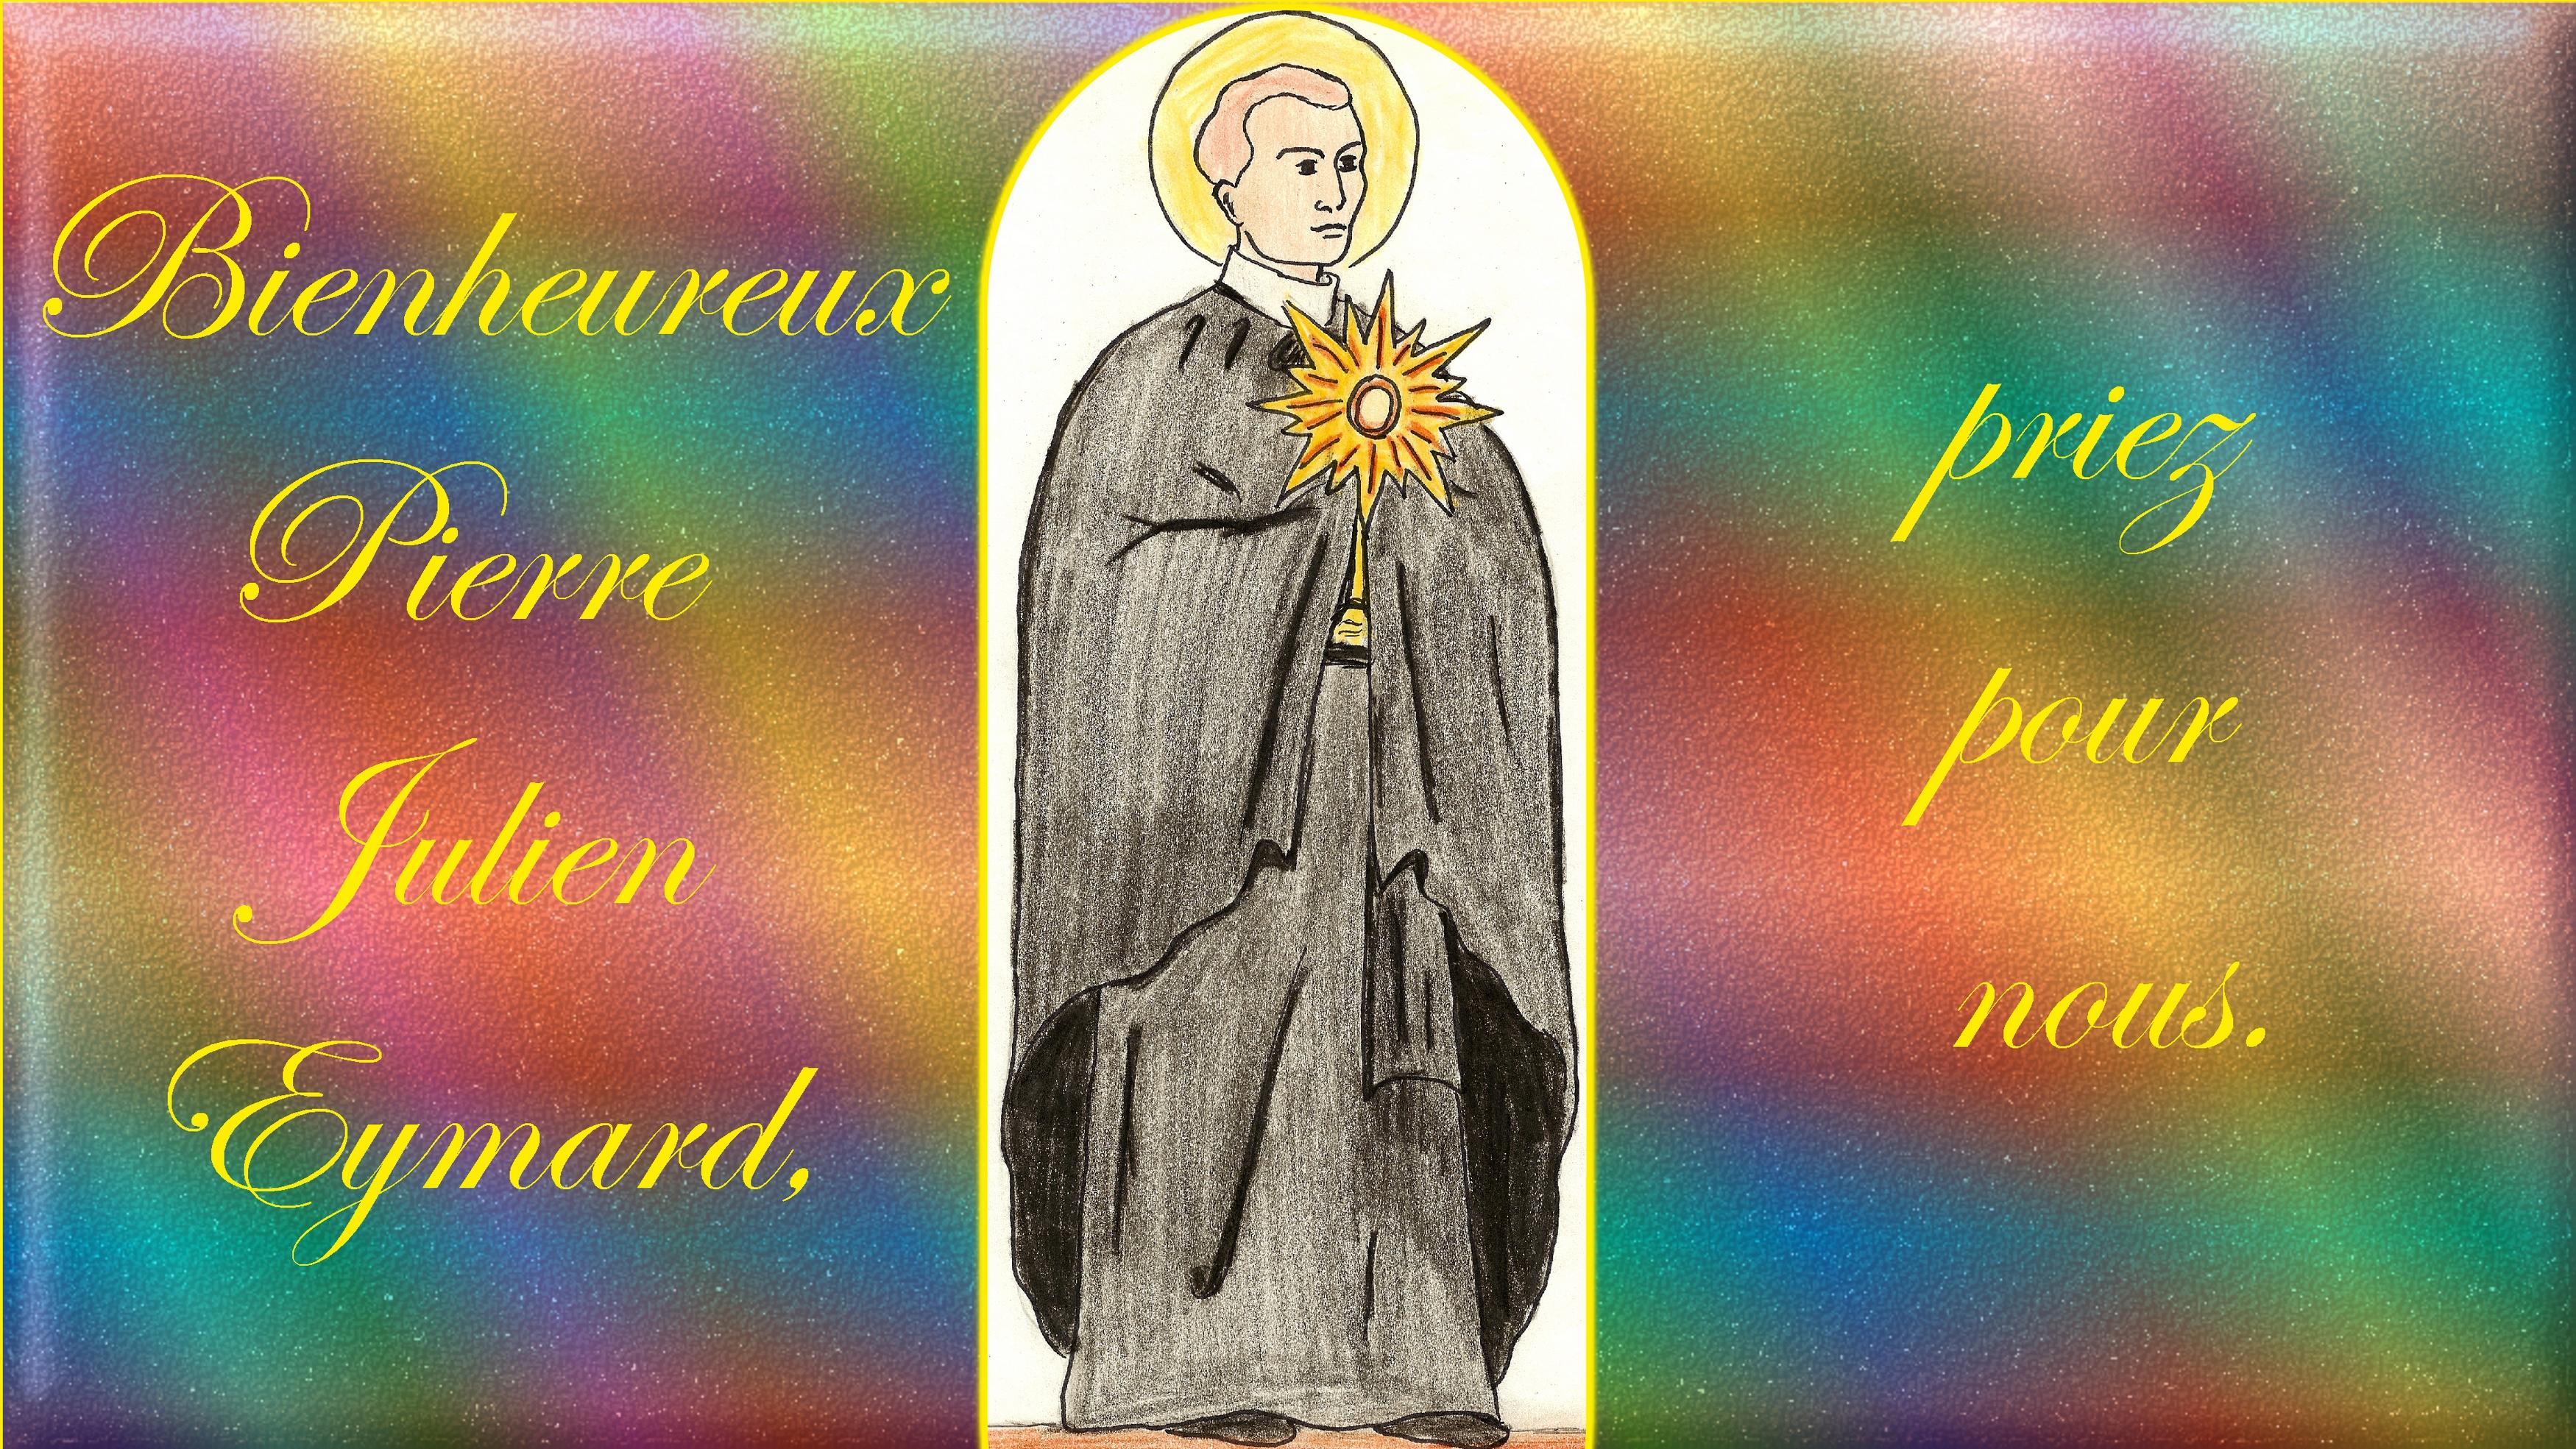 CALENDRIER CATHOLIQUE 2020 (Cantiques, Prières & Images) - Page 22 Bx-pierre-julien-eymard-579a872